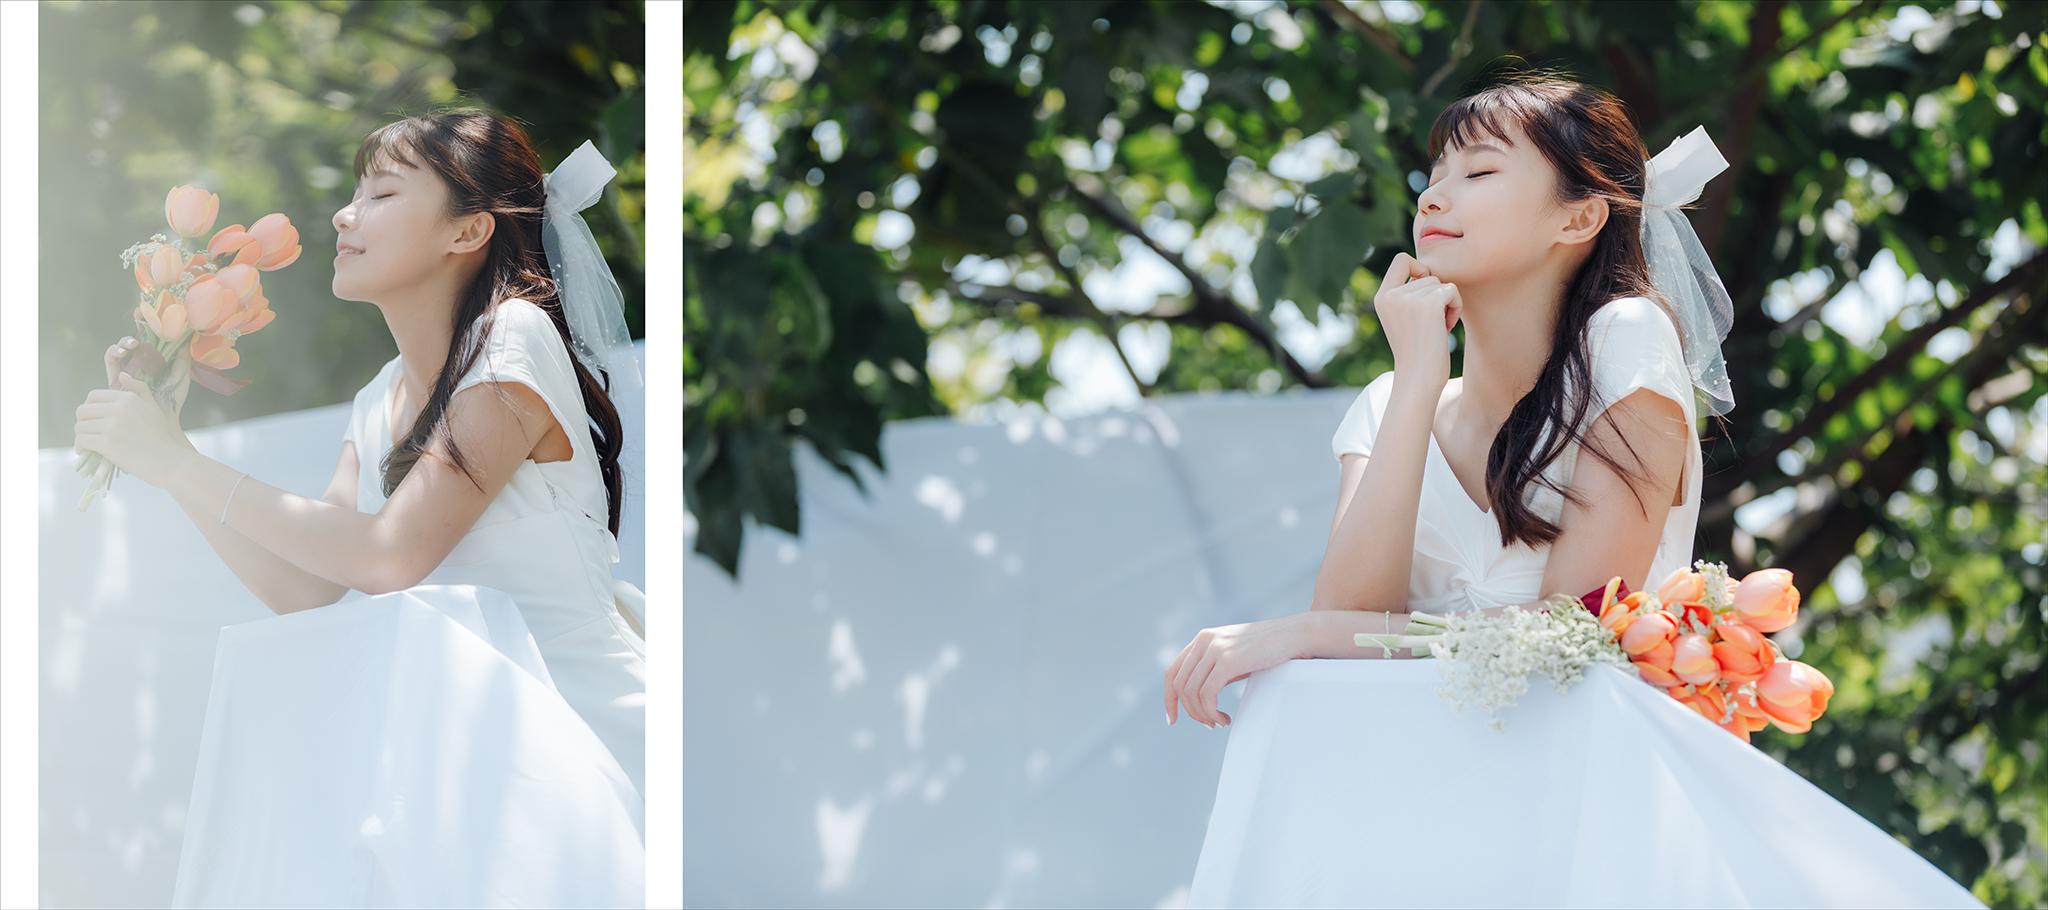 50082038846 084e2a6946 o - 【自主婚紗】+Mei+